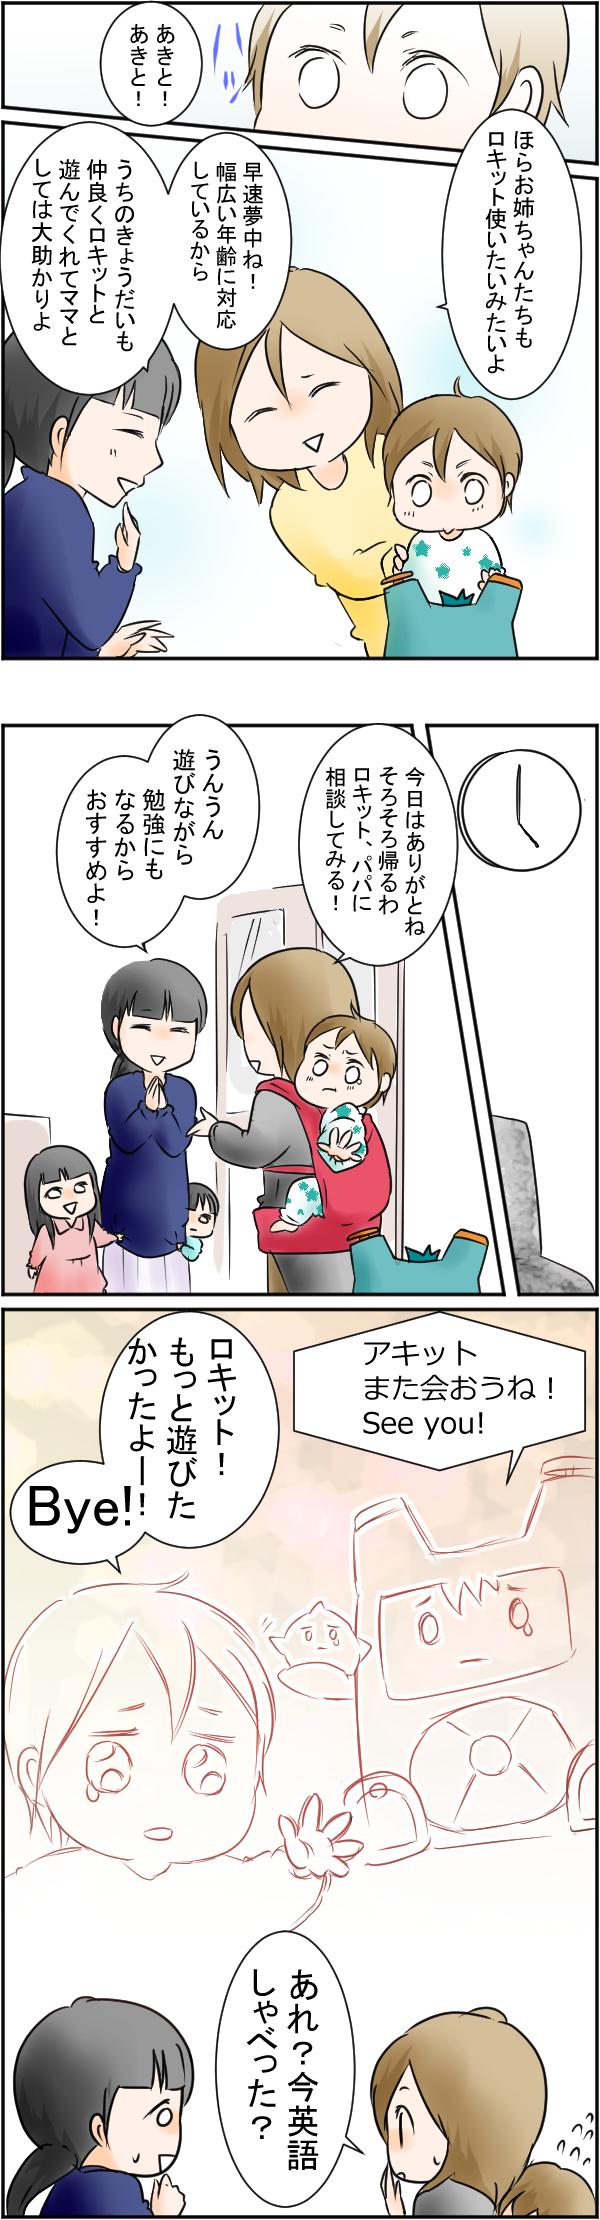 0歳からの英語教育は早すぎる?楽しいおもちゃで英語好きの土台を育てようの画像5